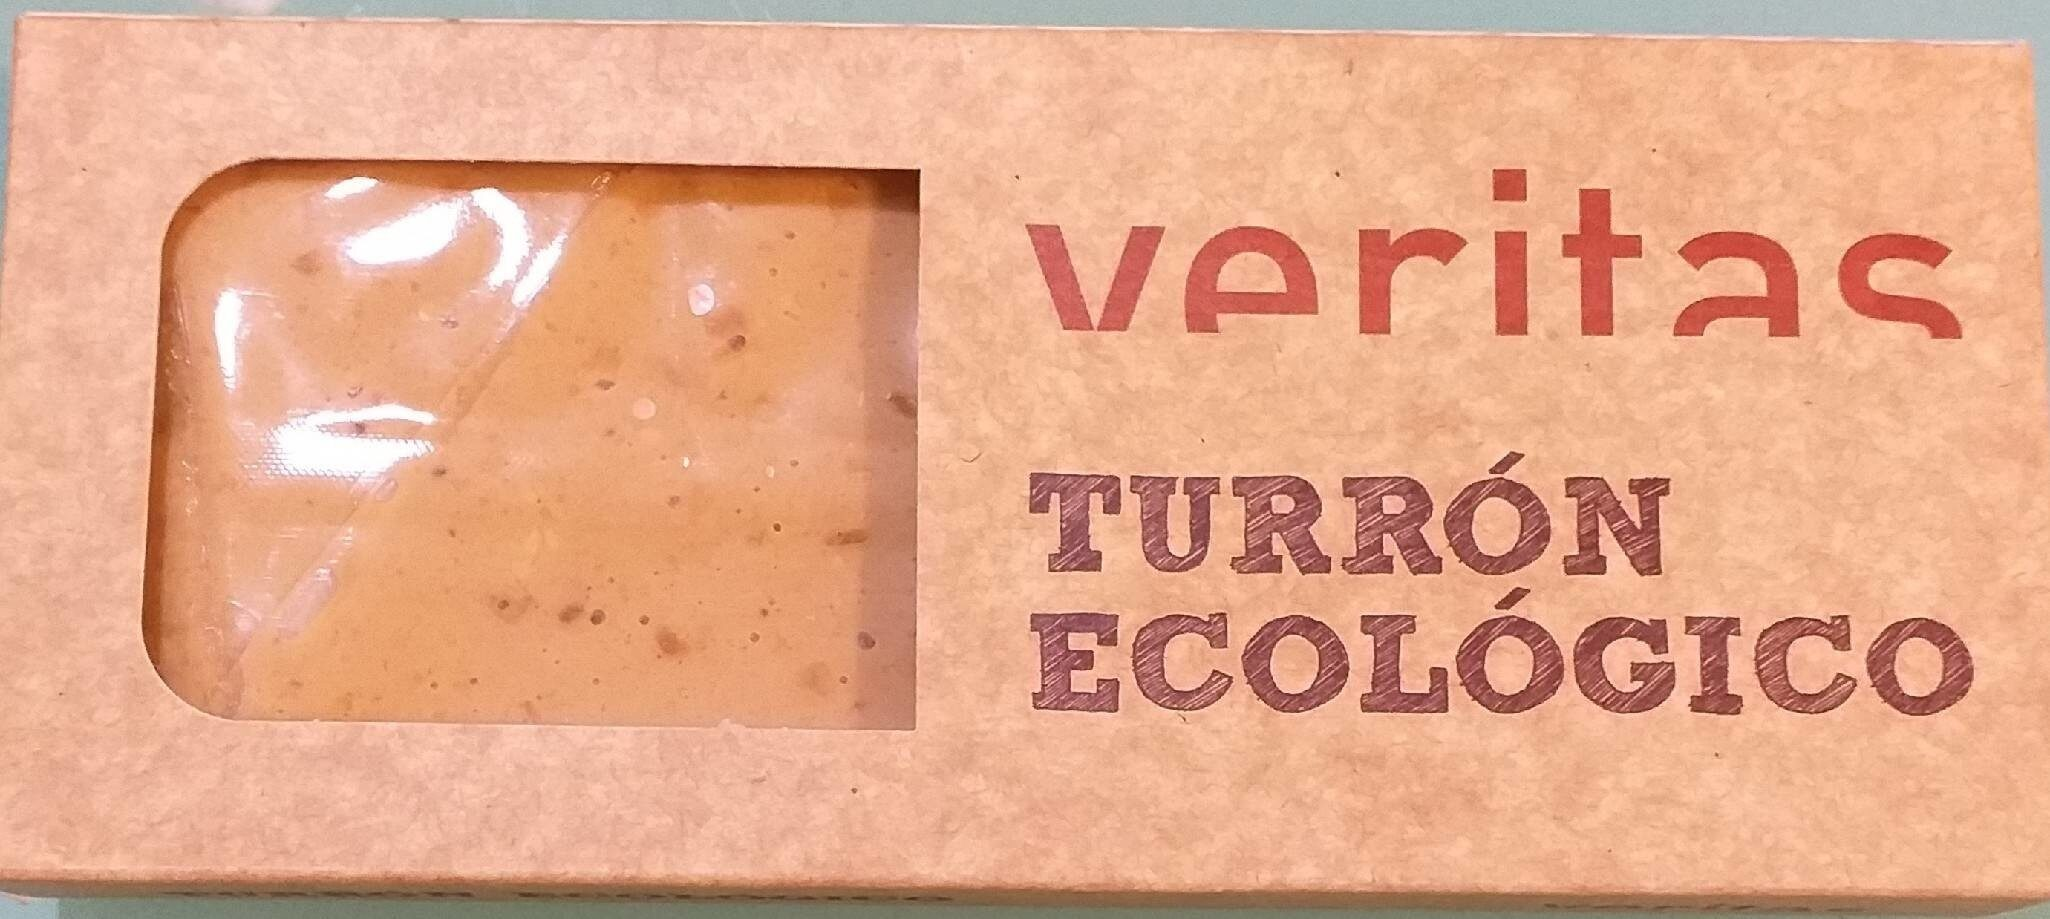 Turrón blando eco - Producto - es